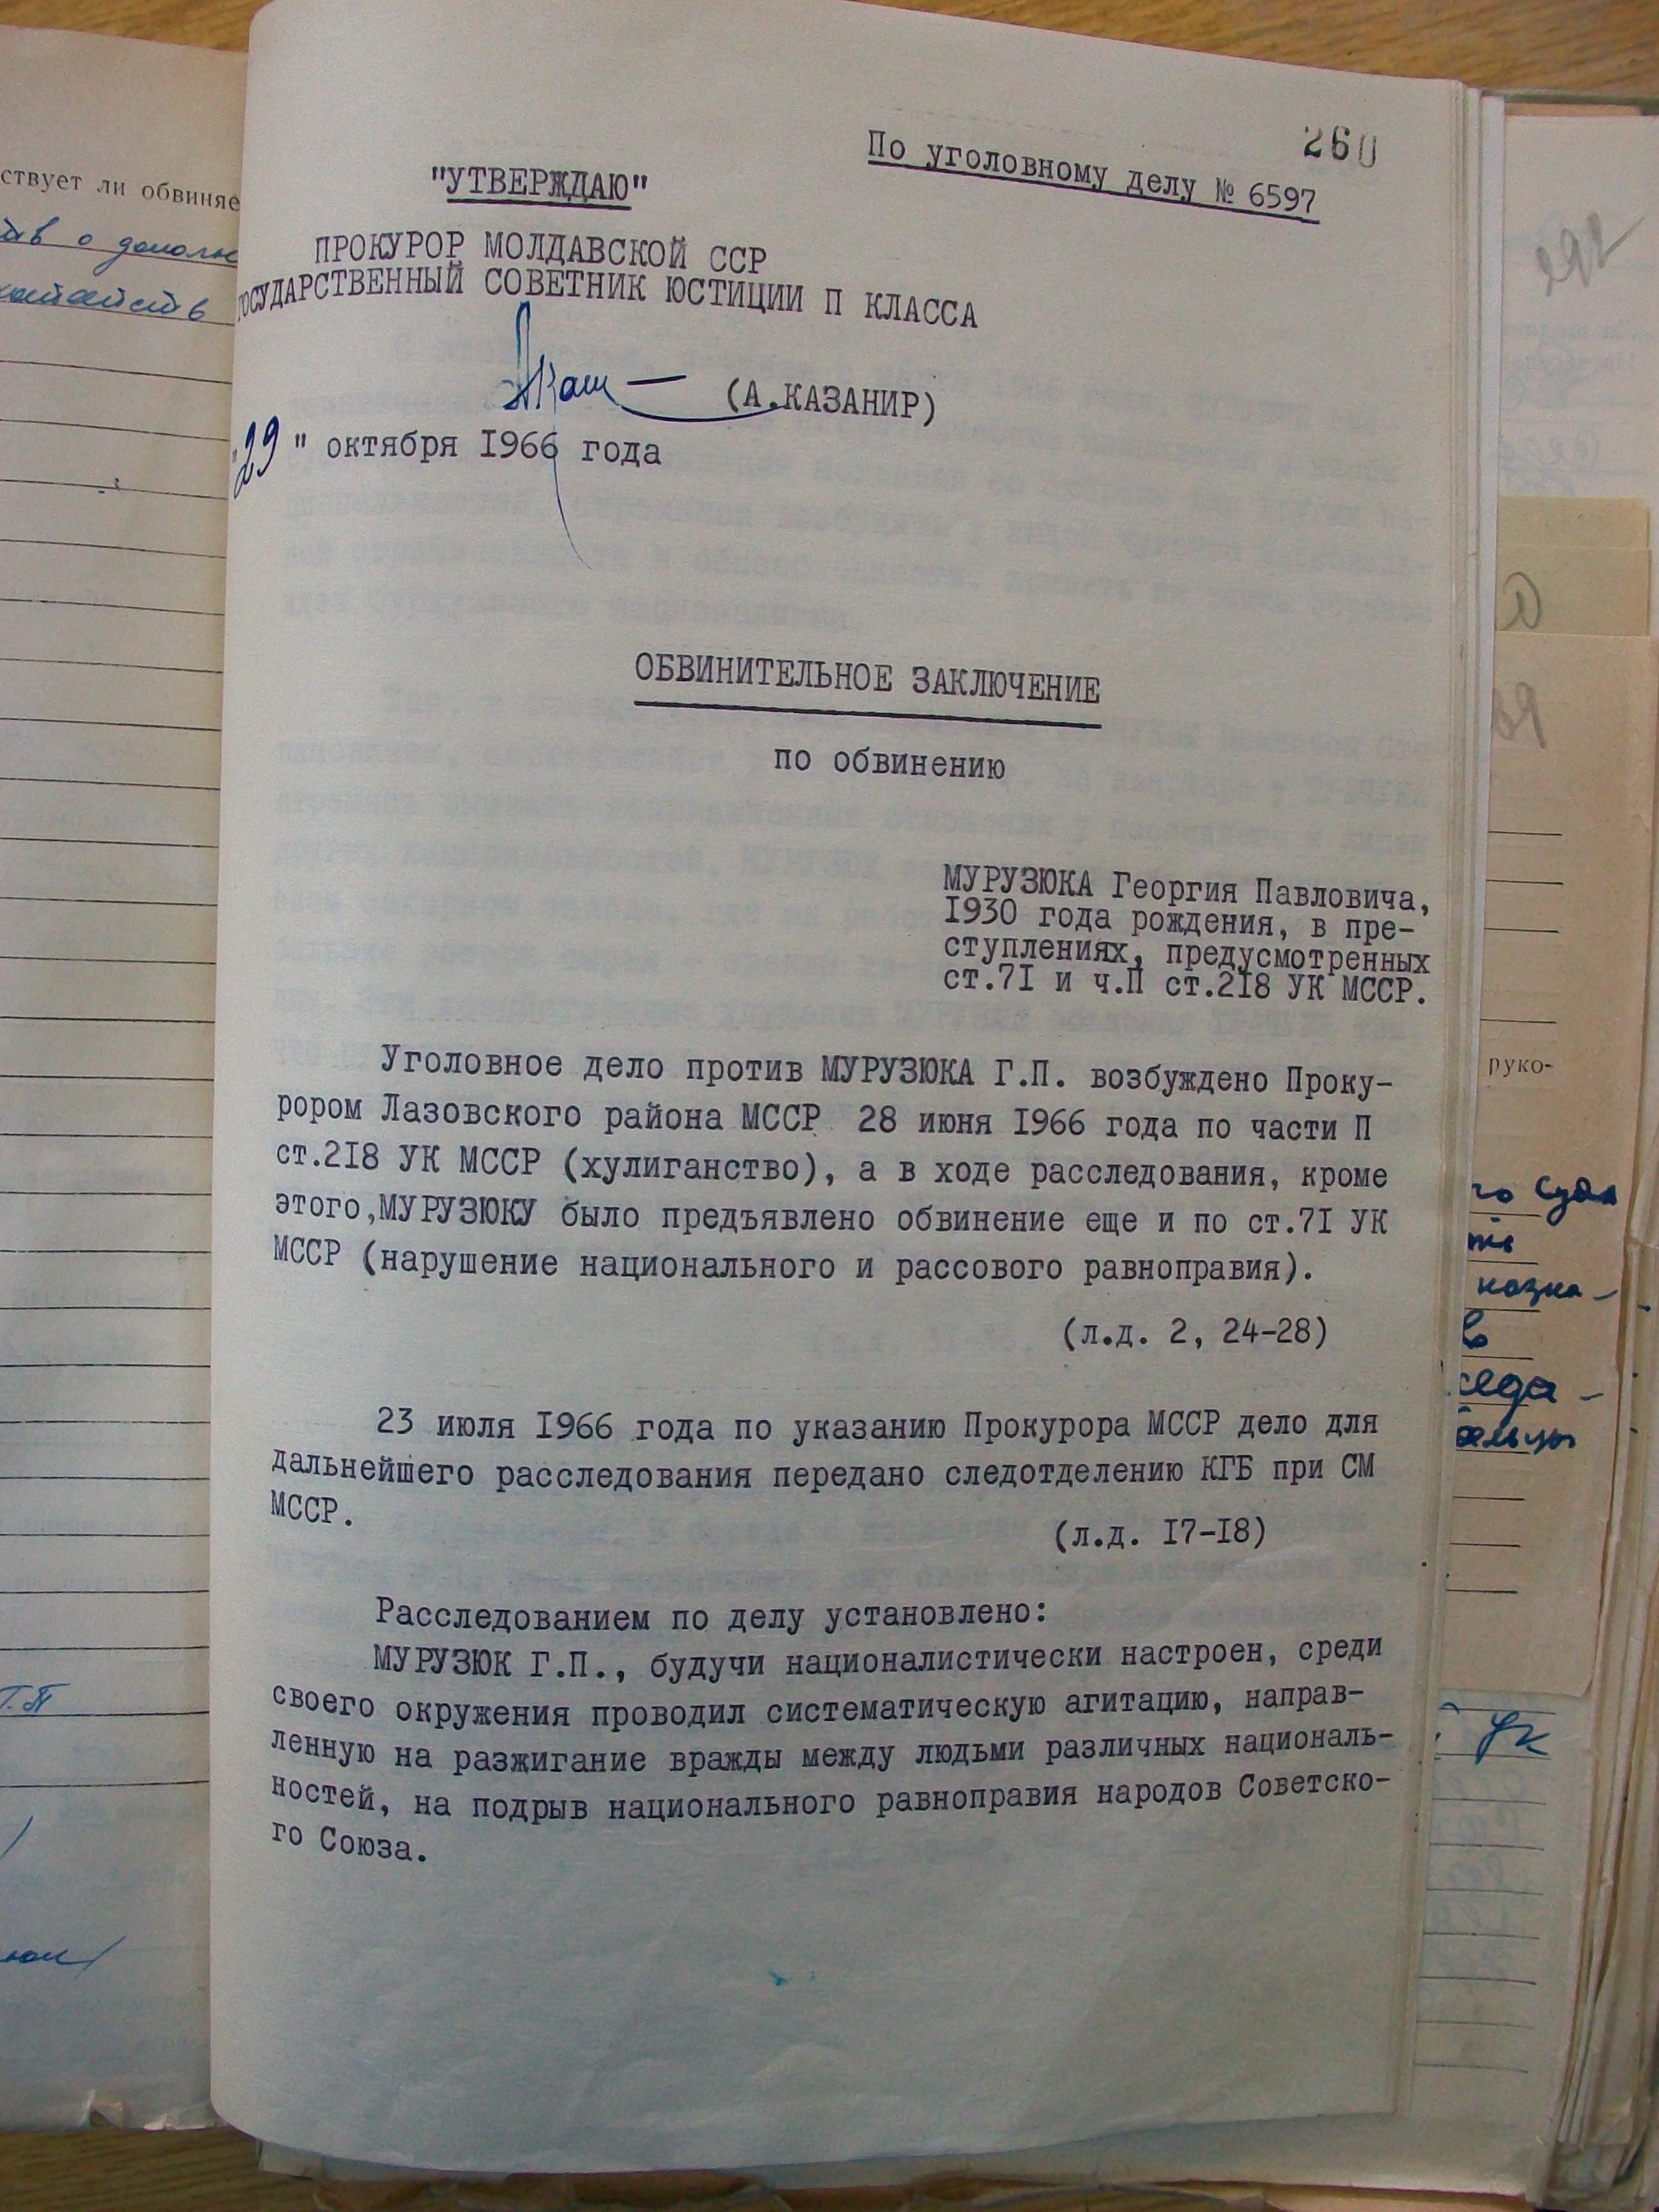 Prima pagină a actului oficial de acuzare referitor la cazul lui Gheorghe Muruziuc, octombrie 1966